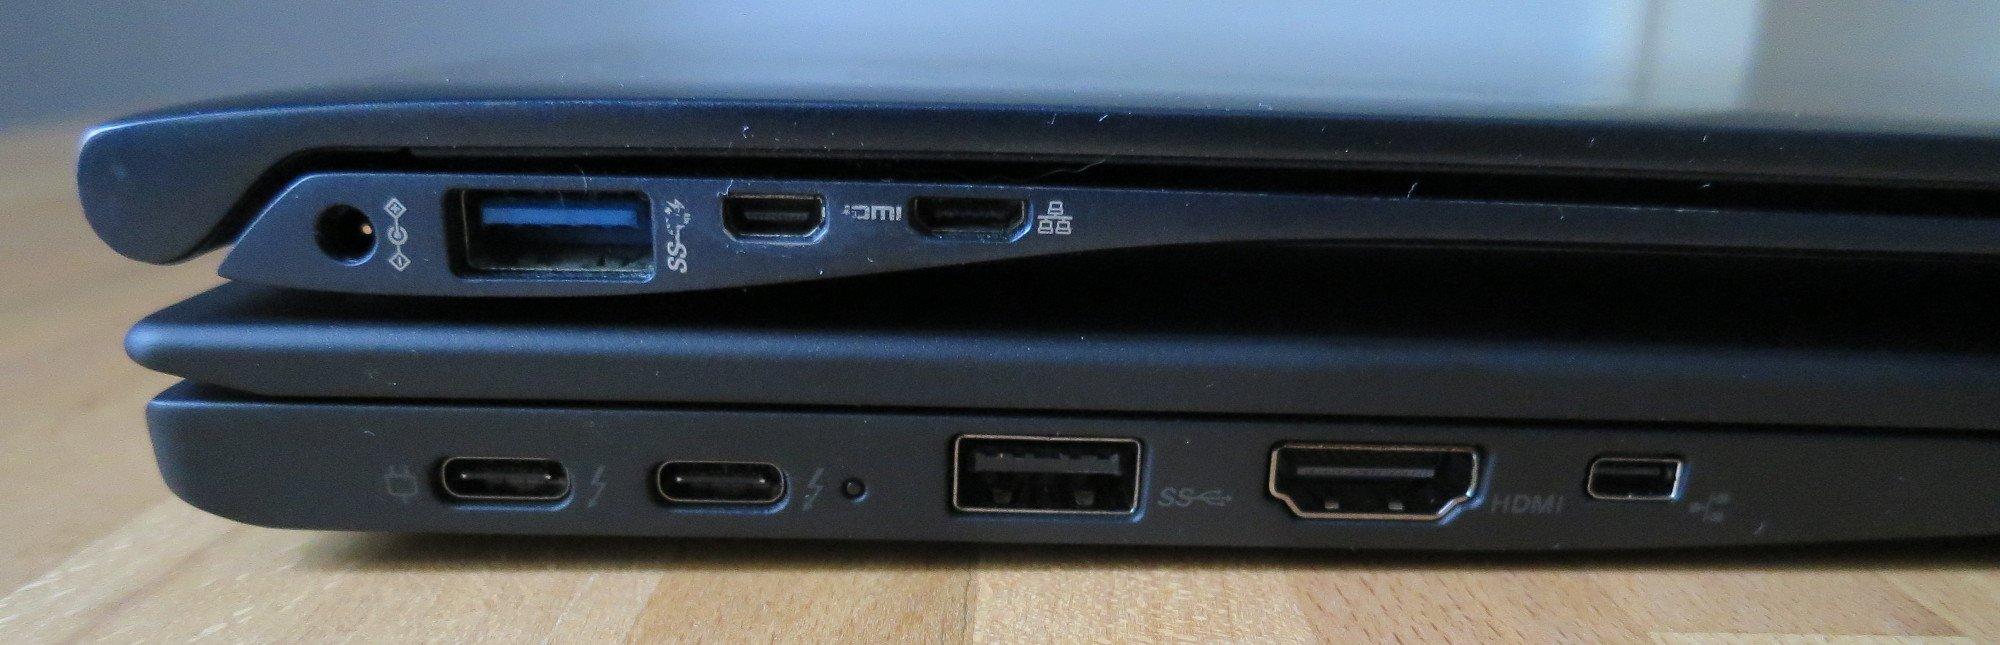 Der große HDMI-Port am Lenovo Thinkpad X1 Carbon (unten) gibt mehr Stabilität als der kleine am Samsung Ativ Book 9 (Bild: Peter Giesecke)